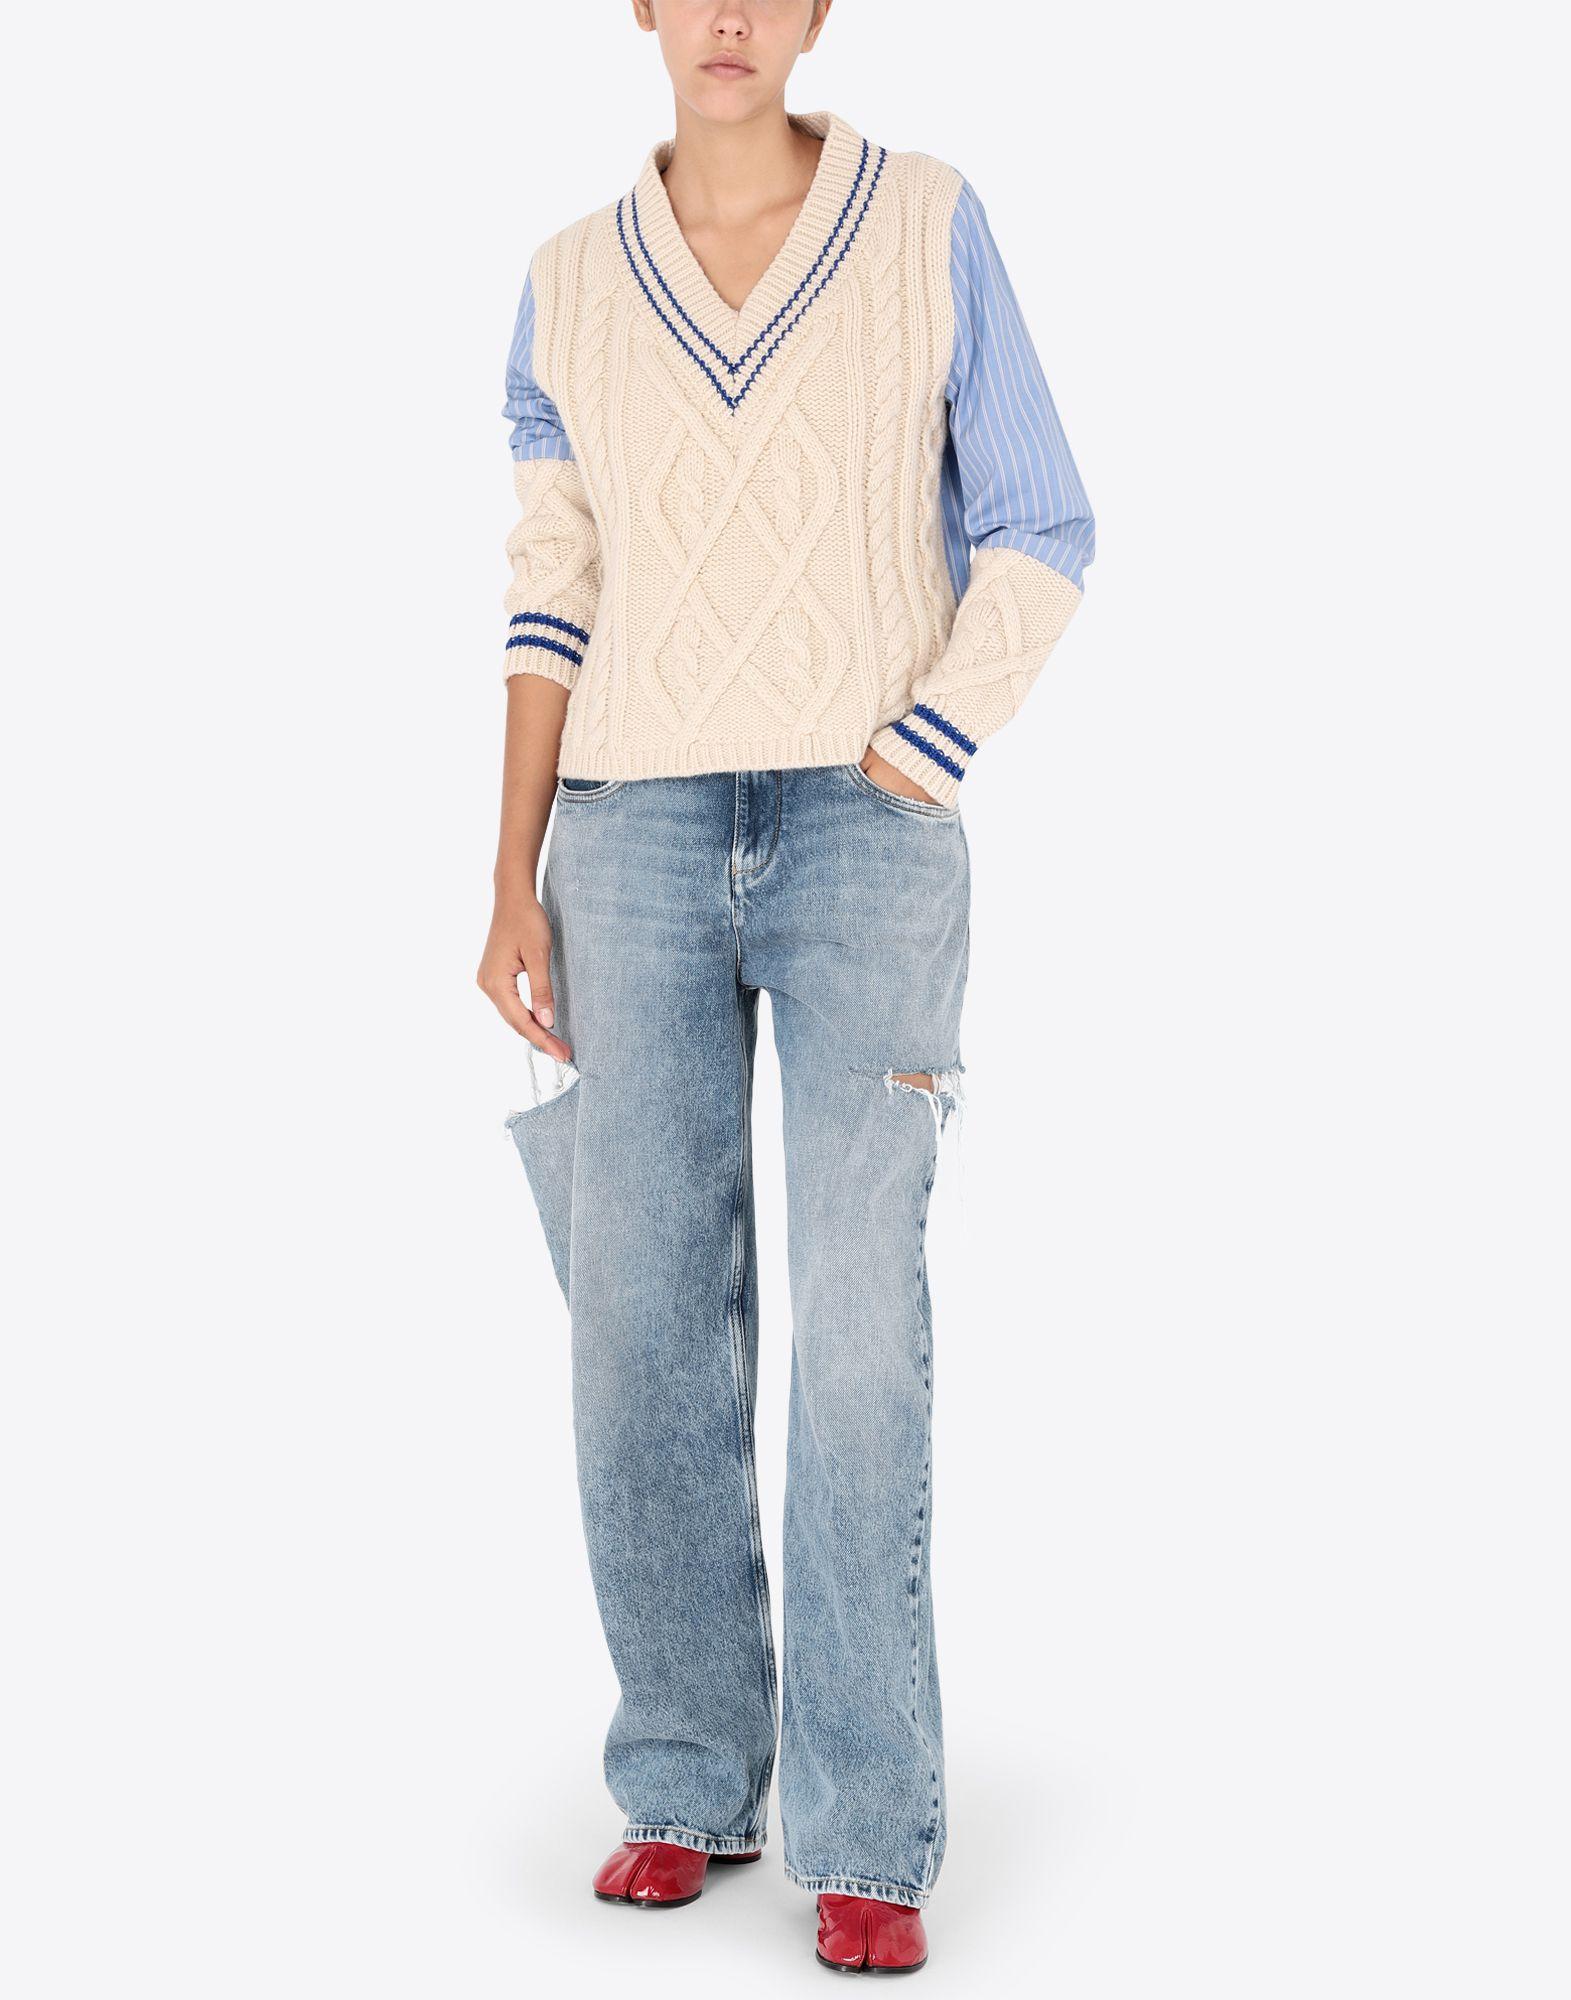 Maison Margiela Denim Jeans With Slash Details Women | Maison Margiela Store